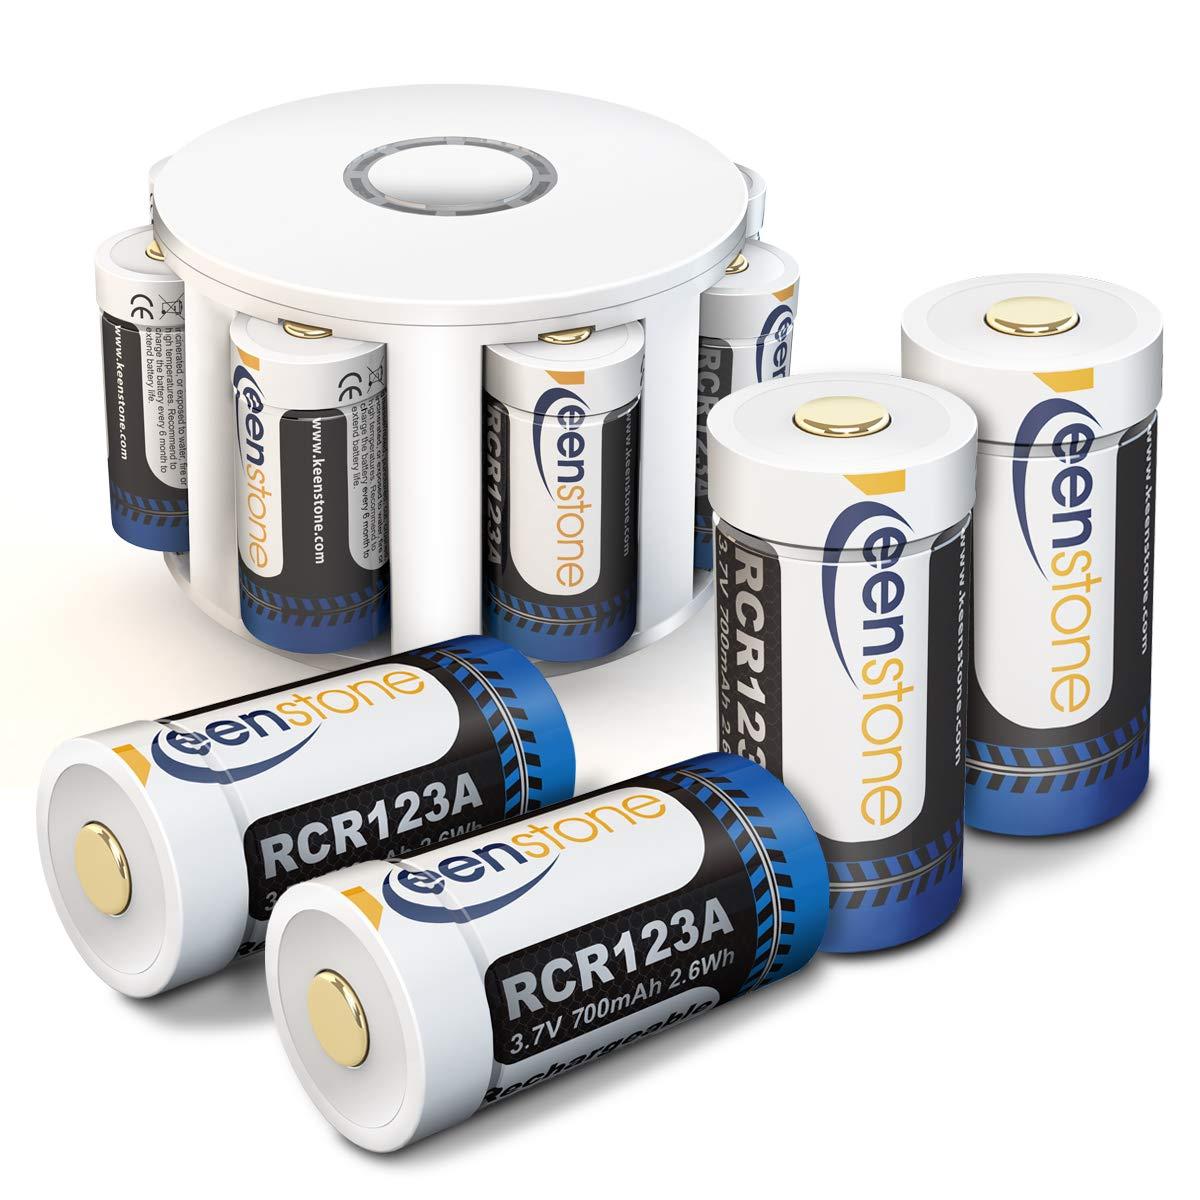 Arlo Kamera Akku 8 Stücke, Keenstone RCR123A 3.7V 700mAh Wiederaufladbare Li-ion Batterien, mit 2 Silikon Hüllen für Kamera und Batterie Gehäuse für Arlo Überwachungskamera VMC3030/3230/3330/3430